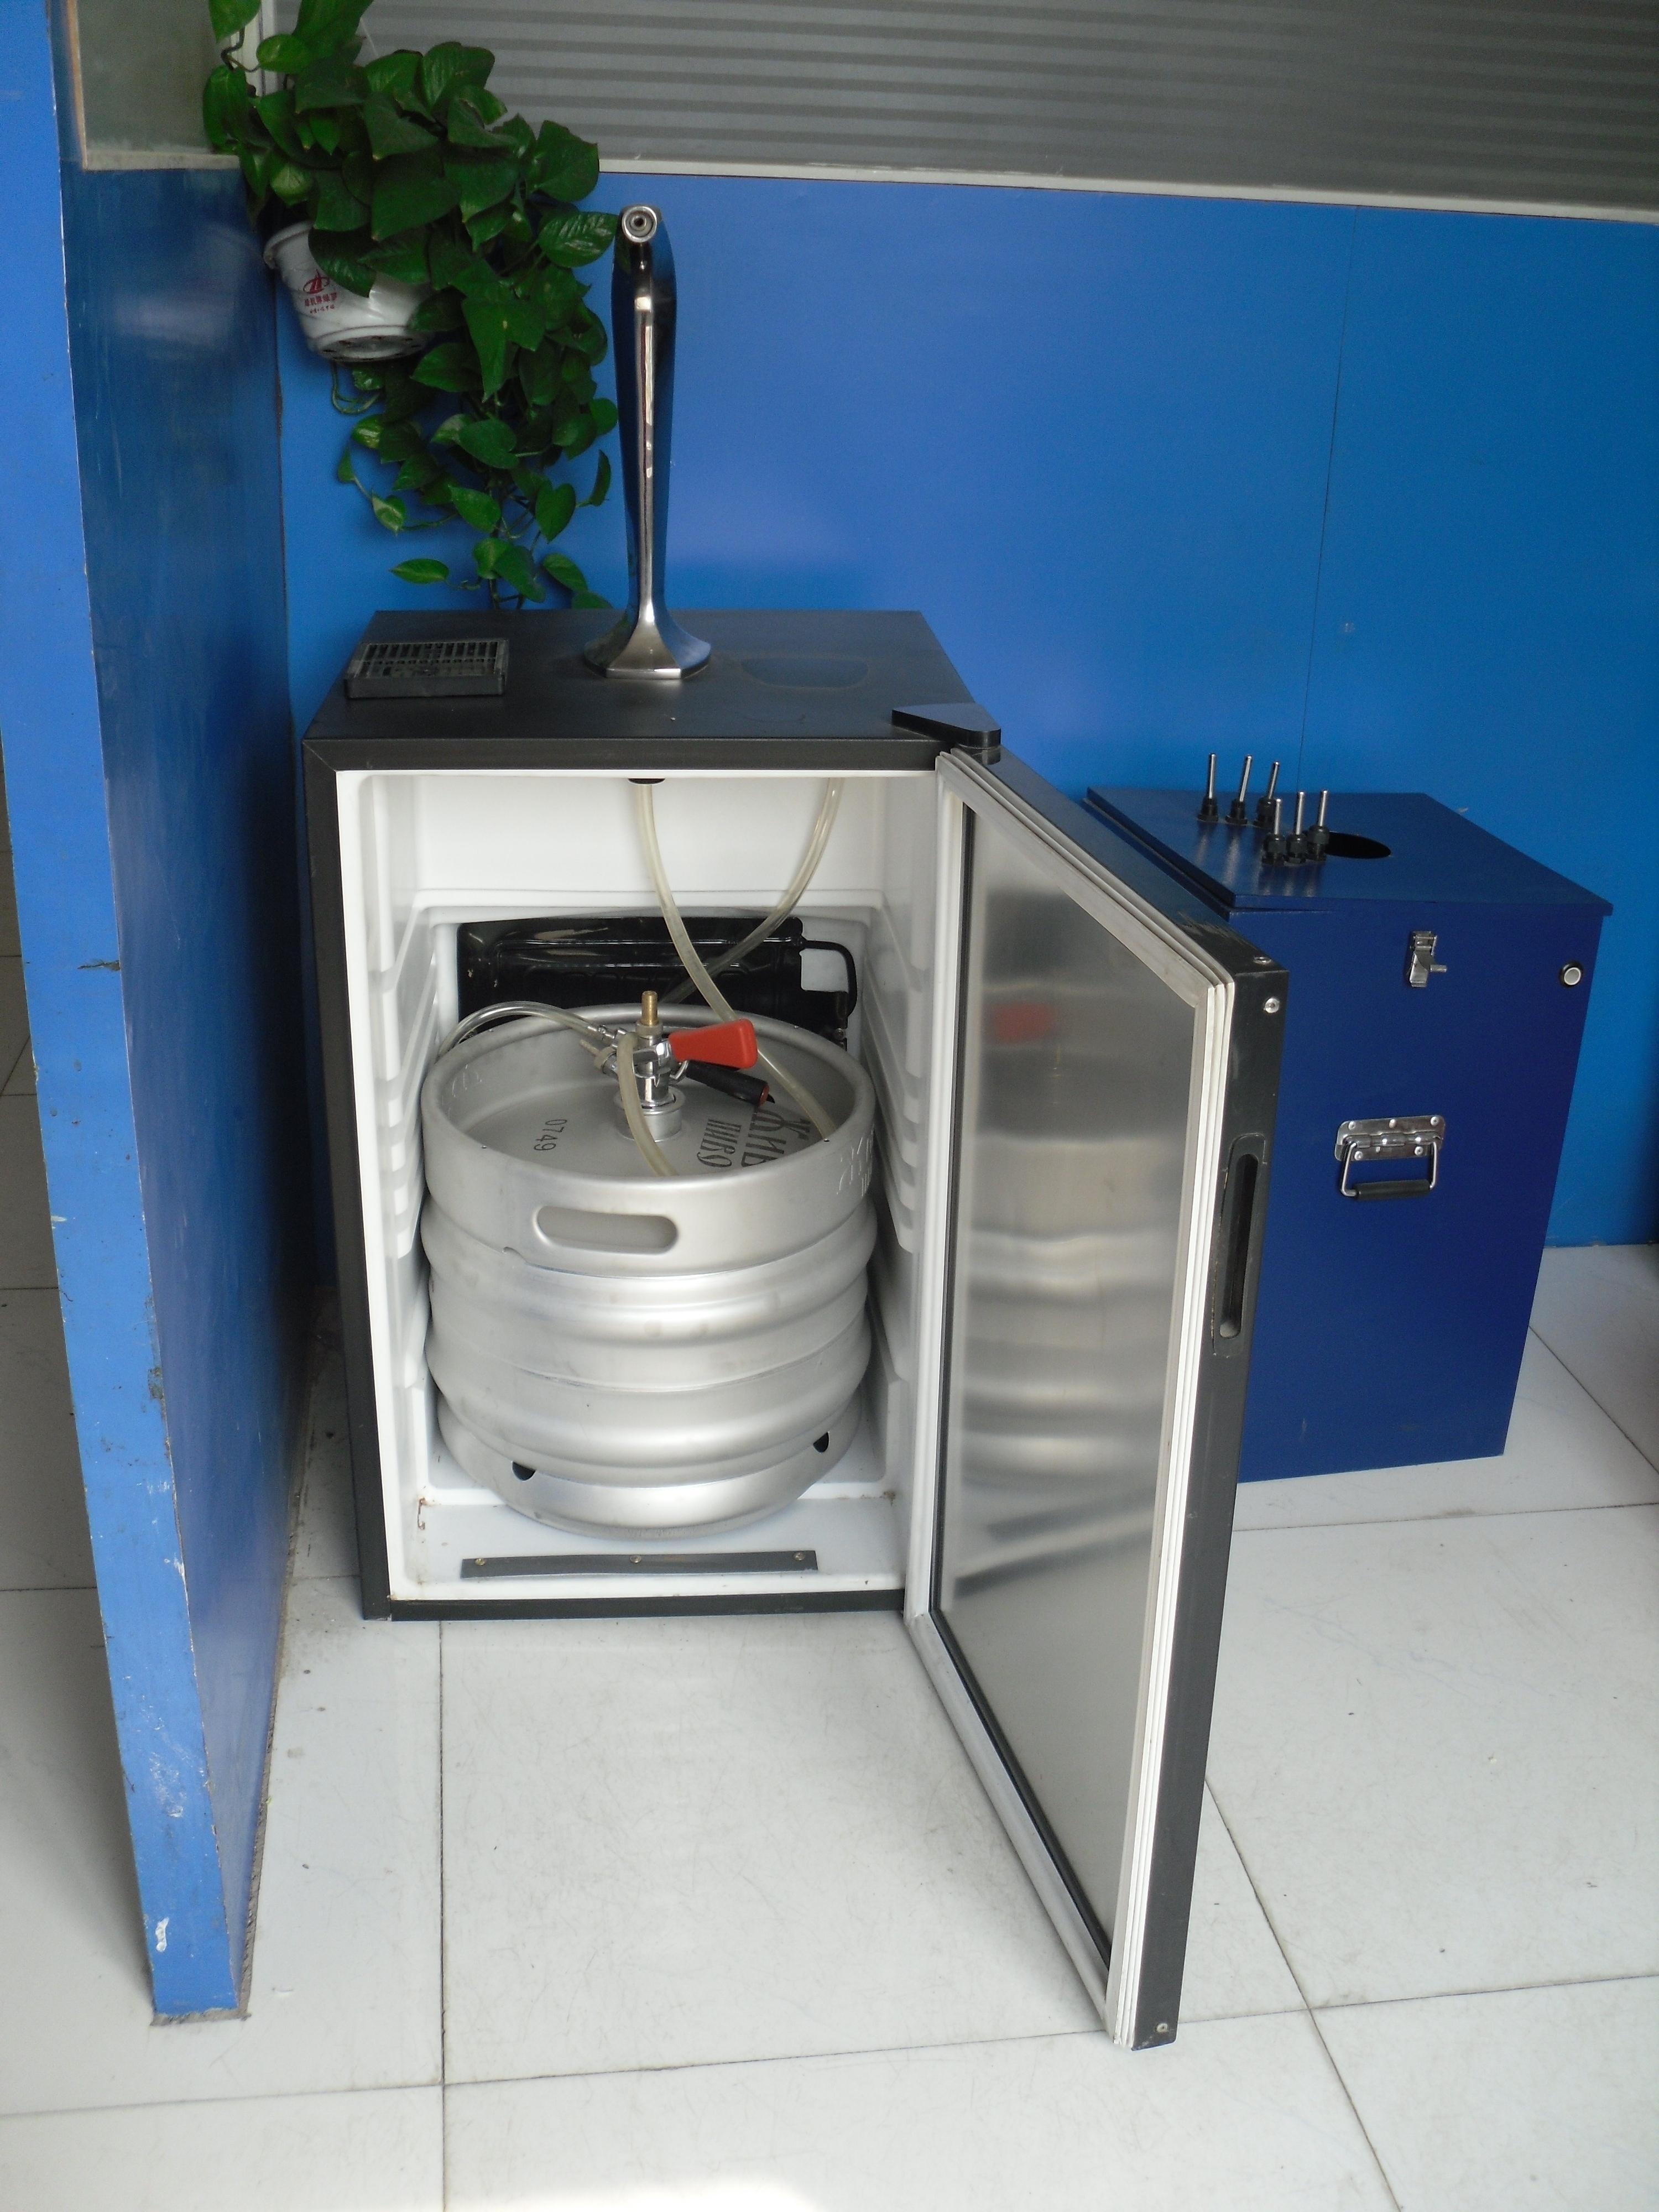 出口型冰箱风冷扎啤机_原理:直接将酒桶放入储藏箱内制冷 外形尺寸 5751.580cm 重量 35kg 电流电压 220v 50Hz 功率瓦数 1/5HP 100W 出酒量 30L/ 小时 容桶 30L/50L 出酒温度 (25-32)/(3-8) 毛细管长度 1.05m 制冷剂名称 R12/R134A/R600A